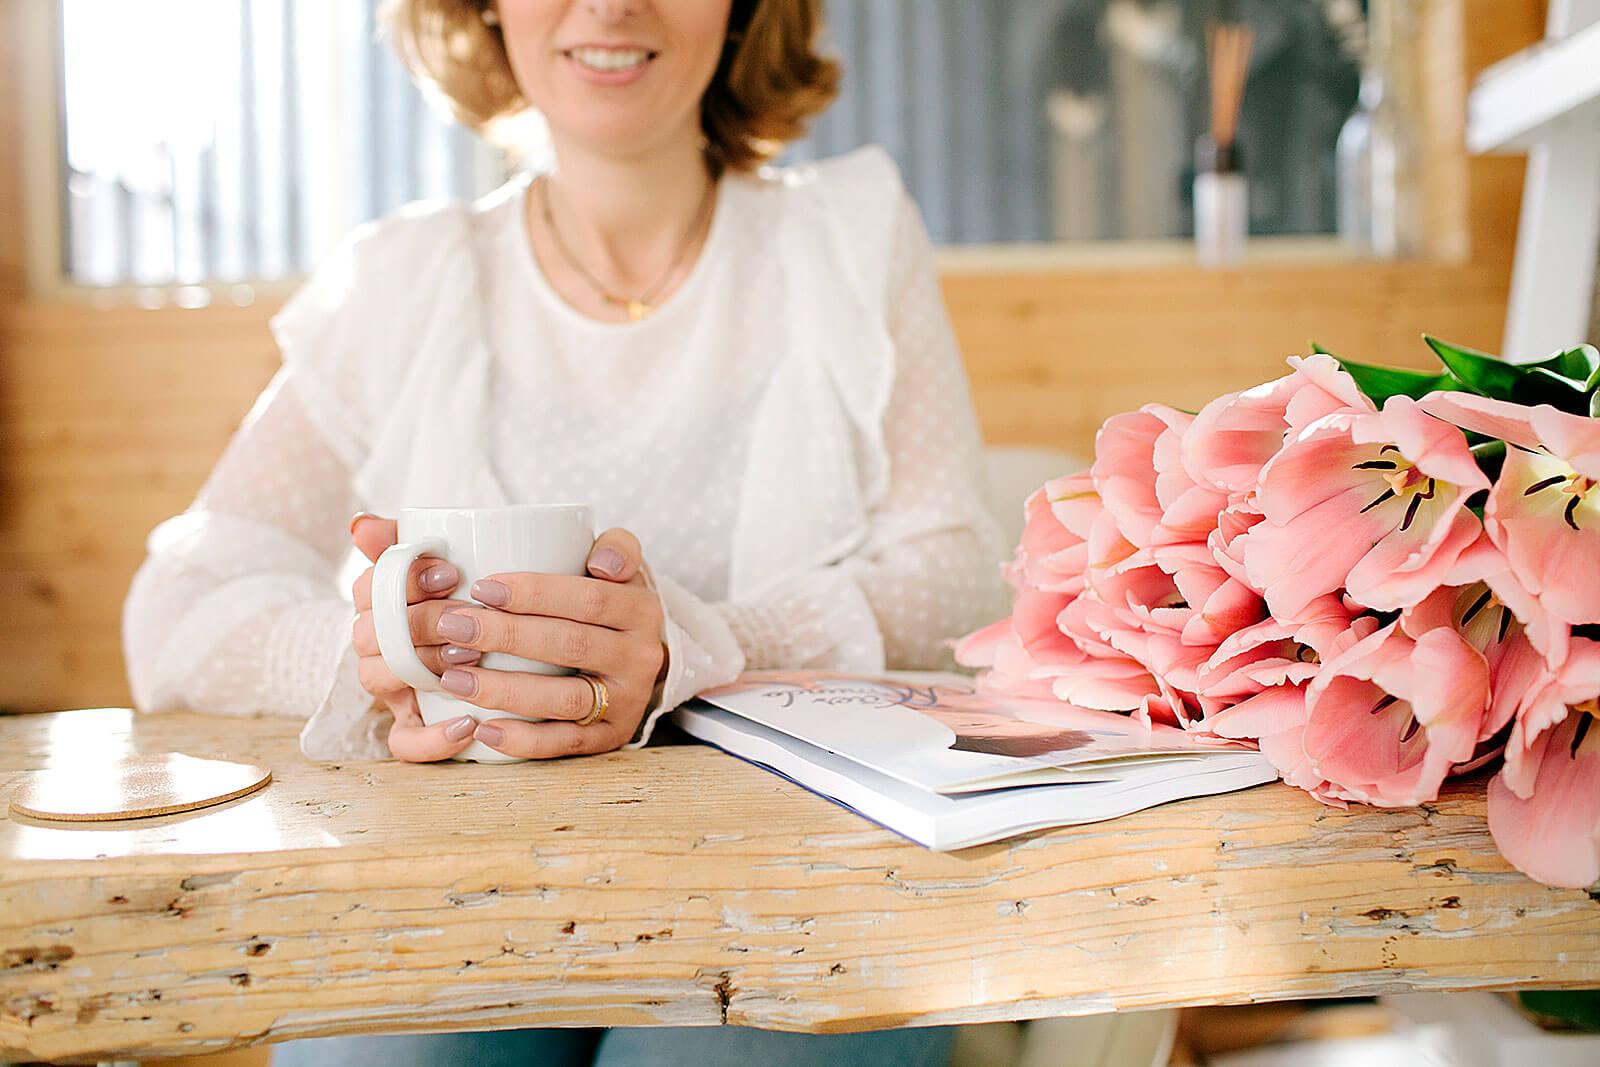 Rita Alelua com caneca, livro e ramo de rosas sobre uma mesa de madeira.